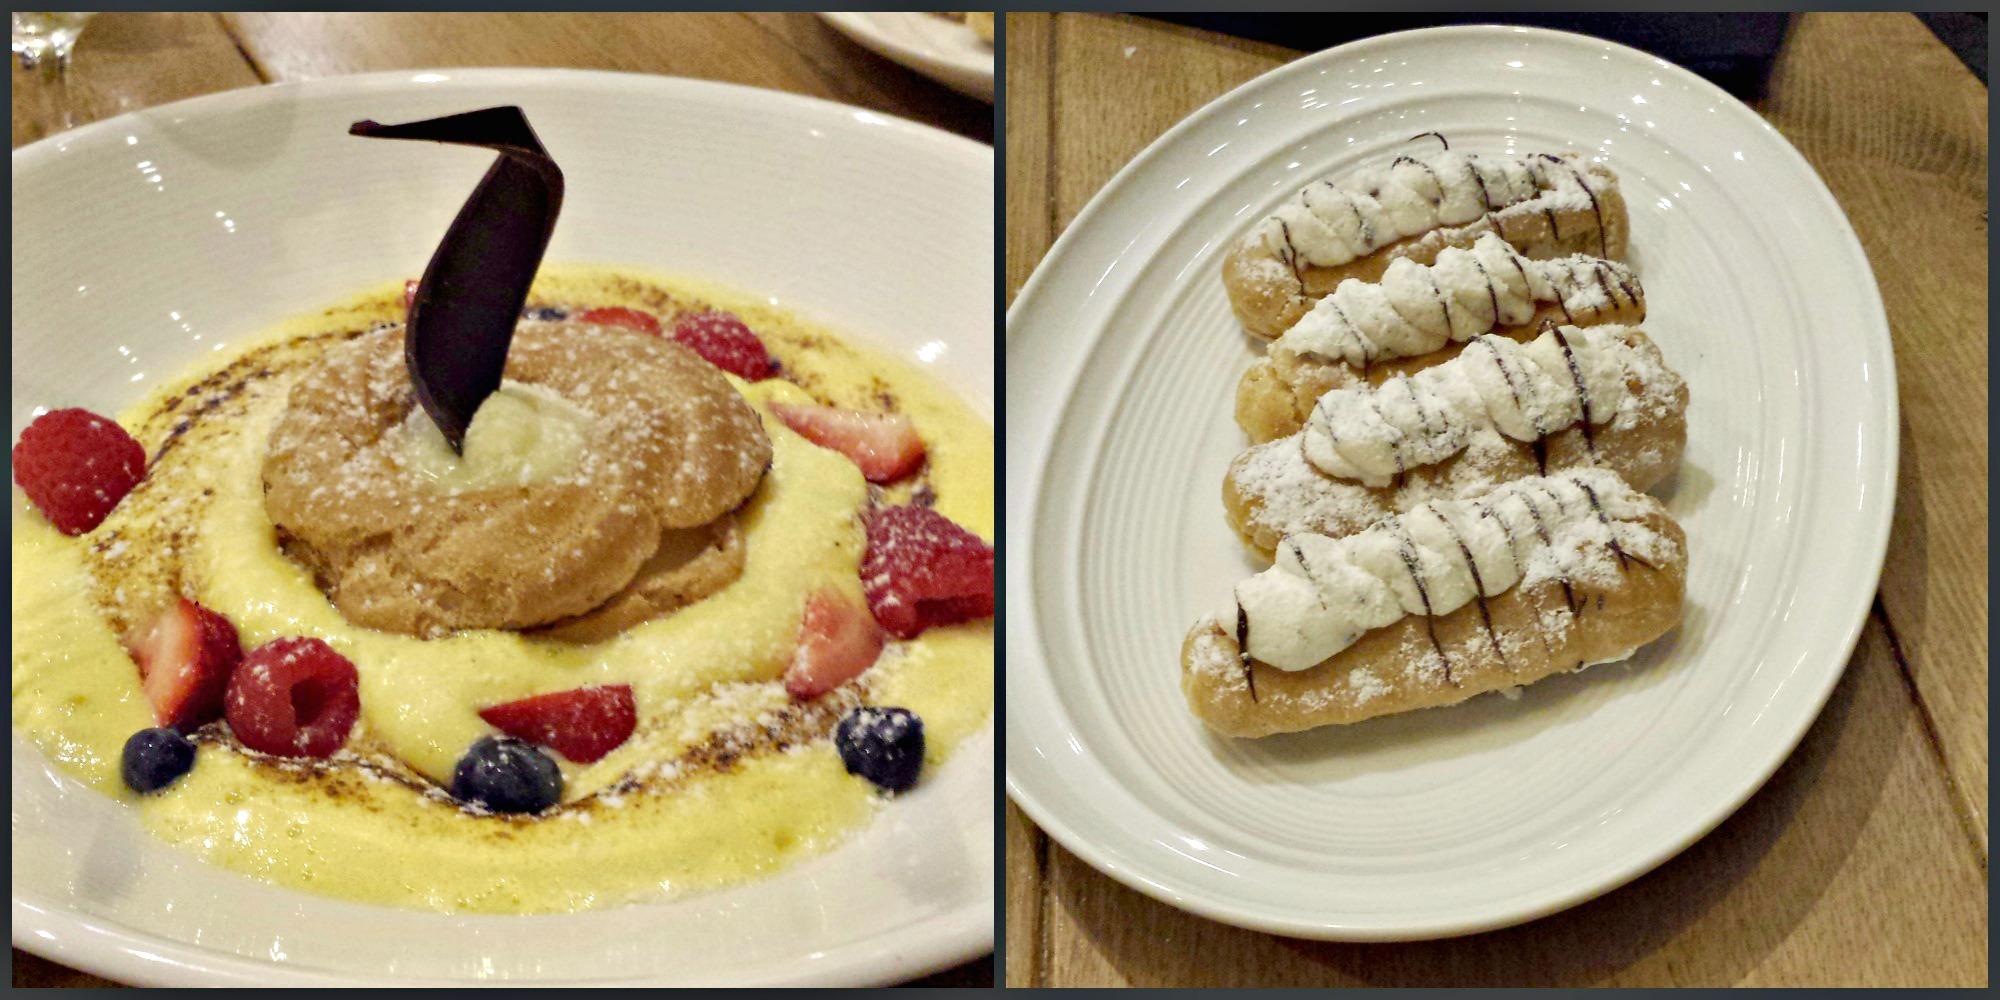 Vivo italian kitchen dessert menu ppi blog for Vivo italian kitchen